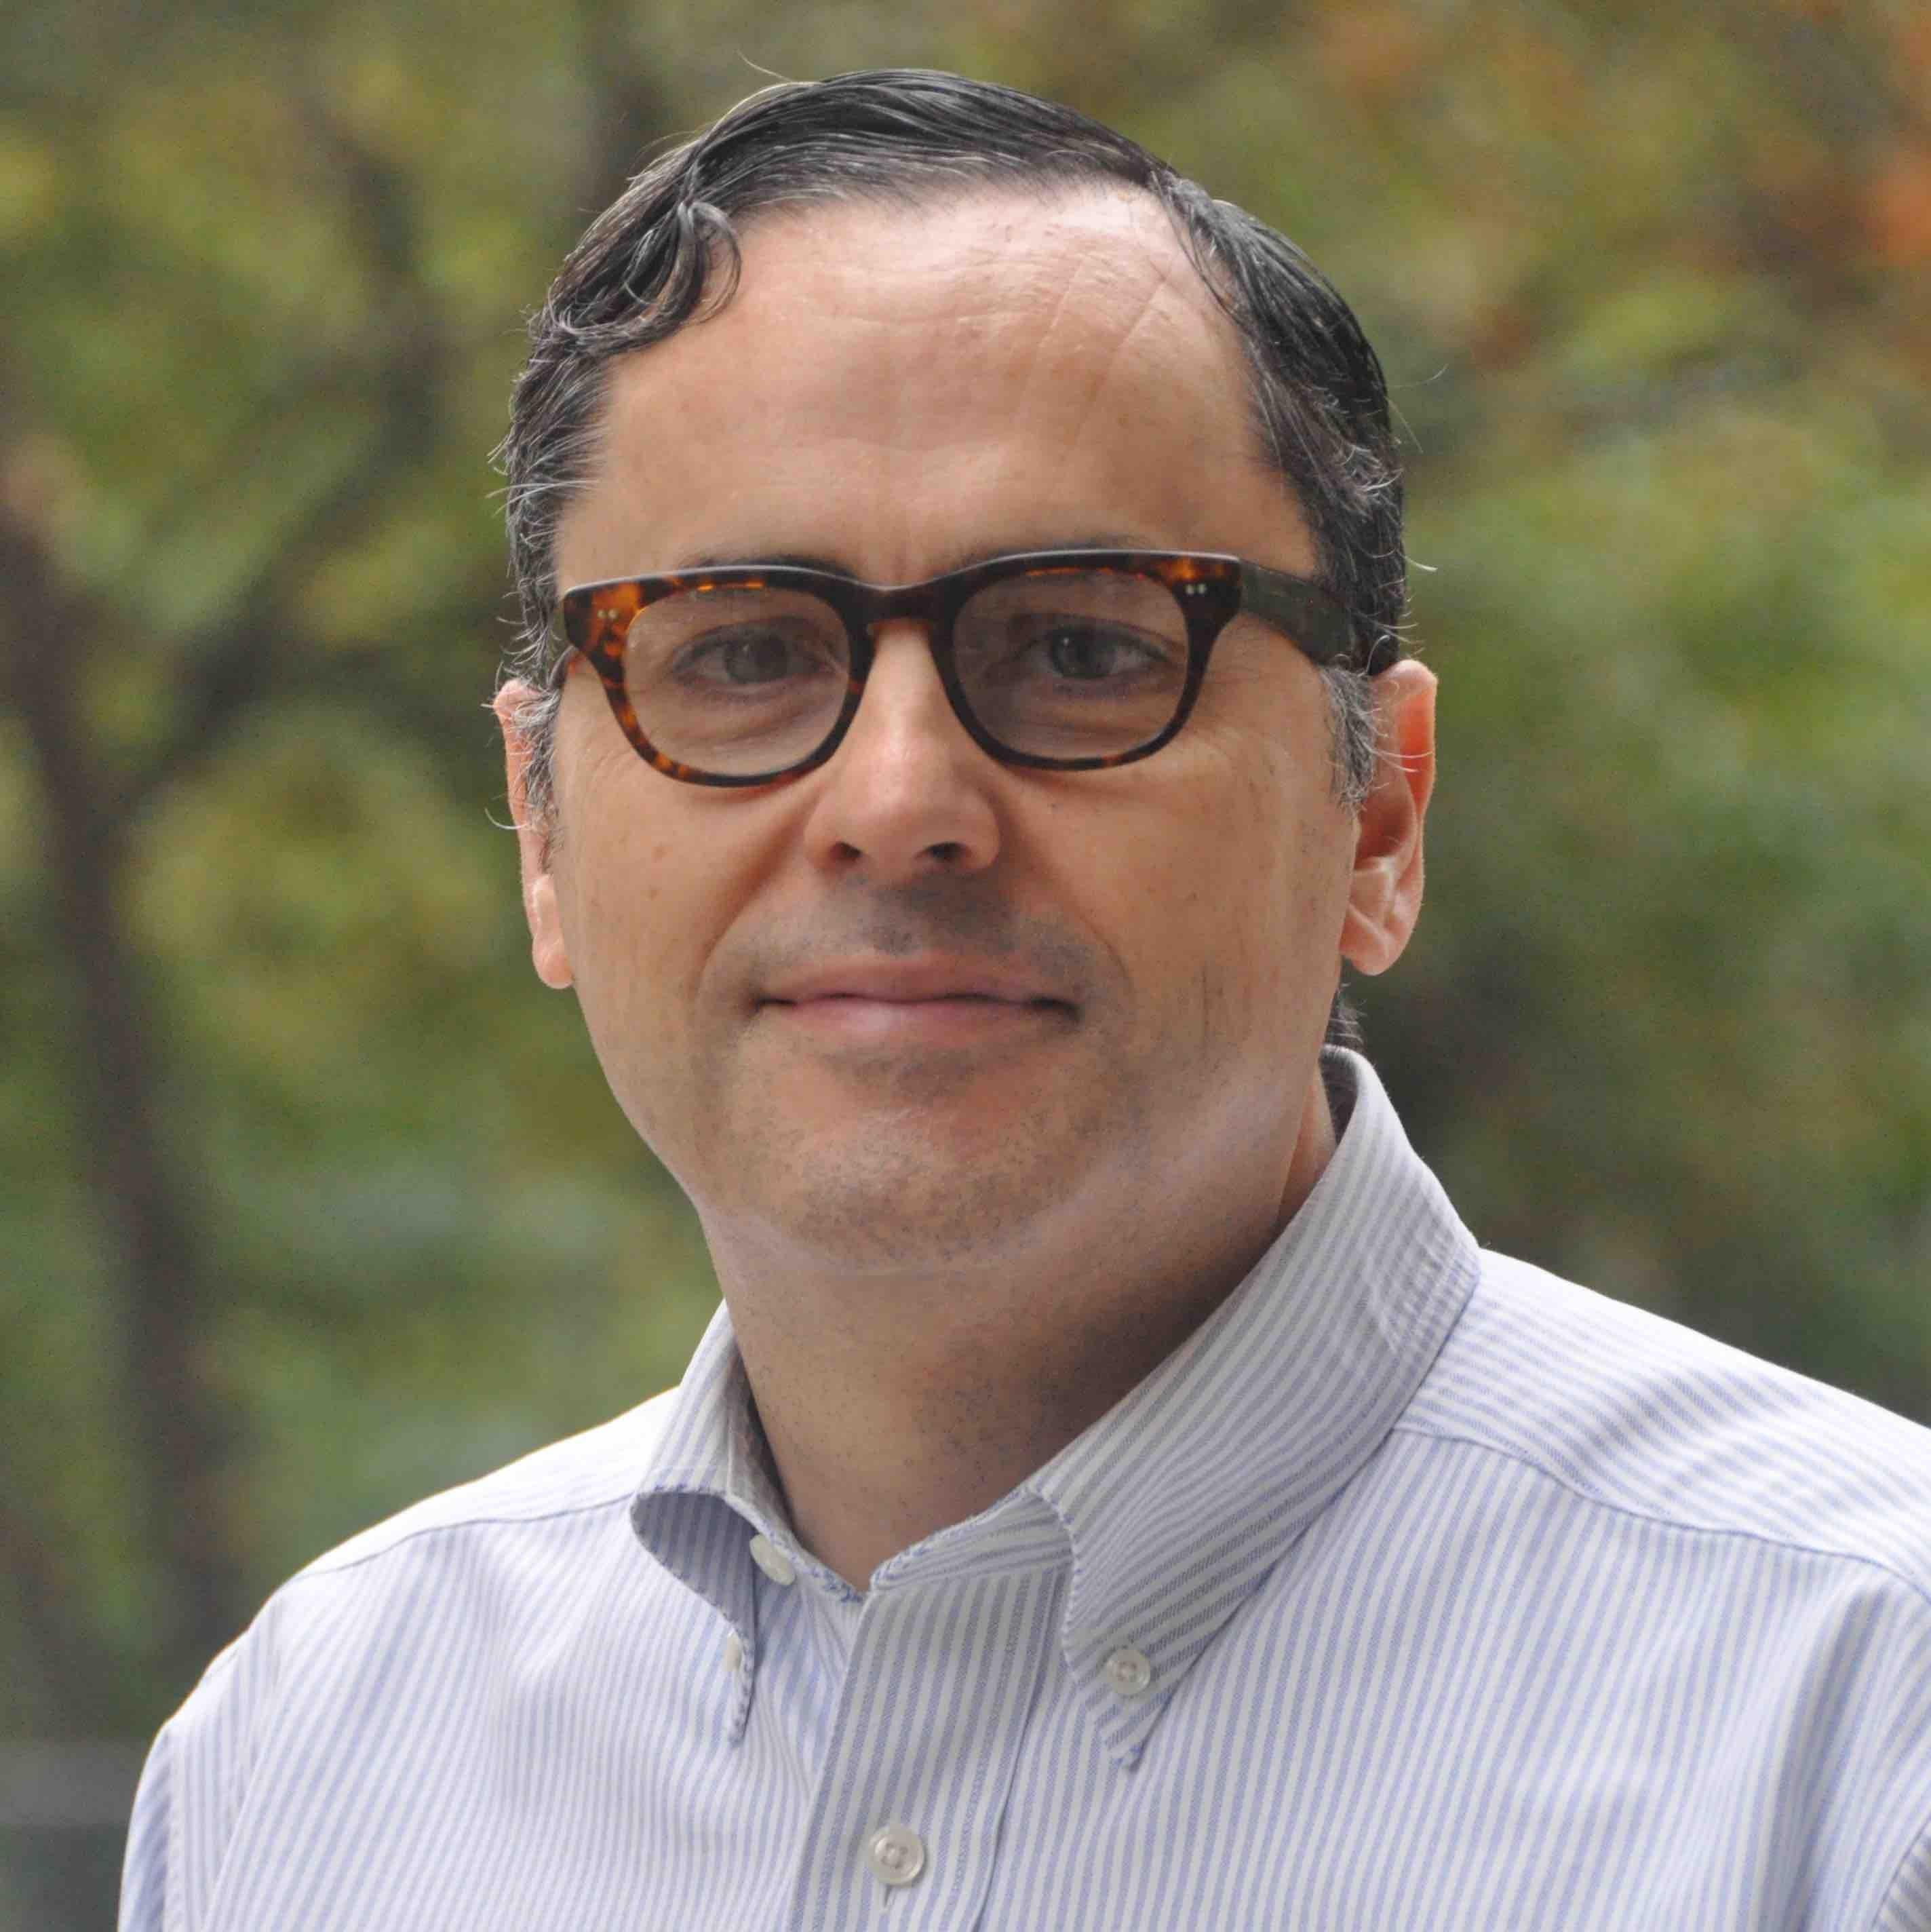 Professor Luis Cabral